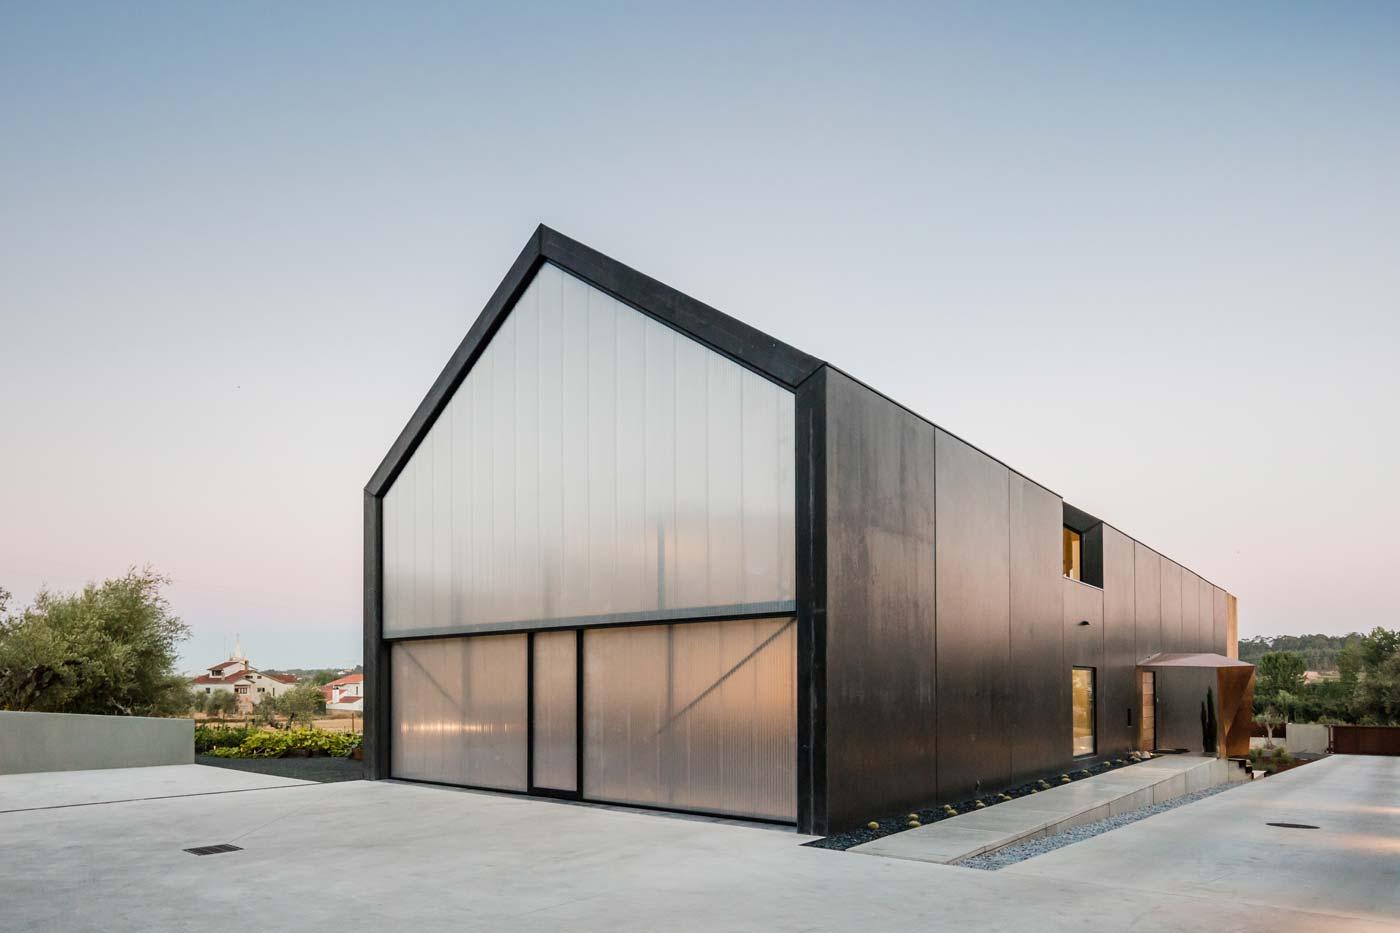 JM_House_Ourem-Filipe-Saraiva-Arquitectos-5